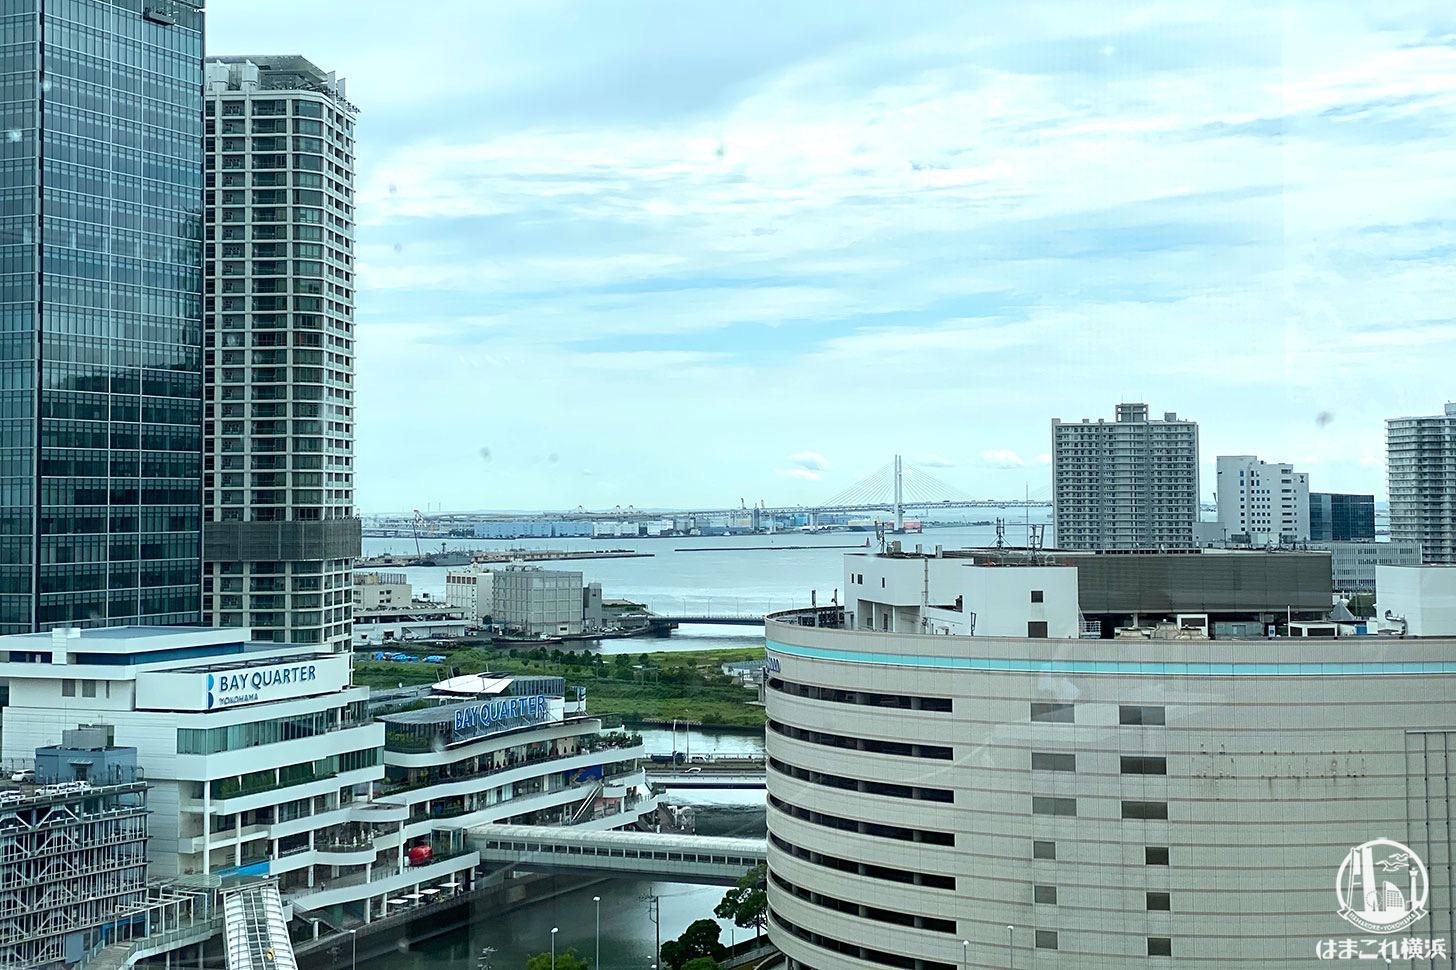 屋上庭園「うみそらデッキ」窓側のカウンターから見た景色 横浜港